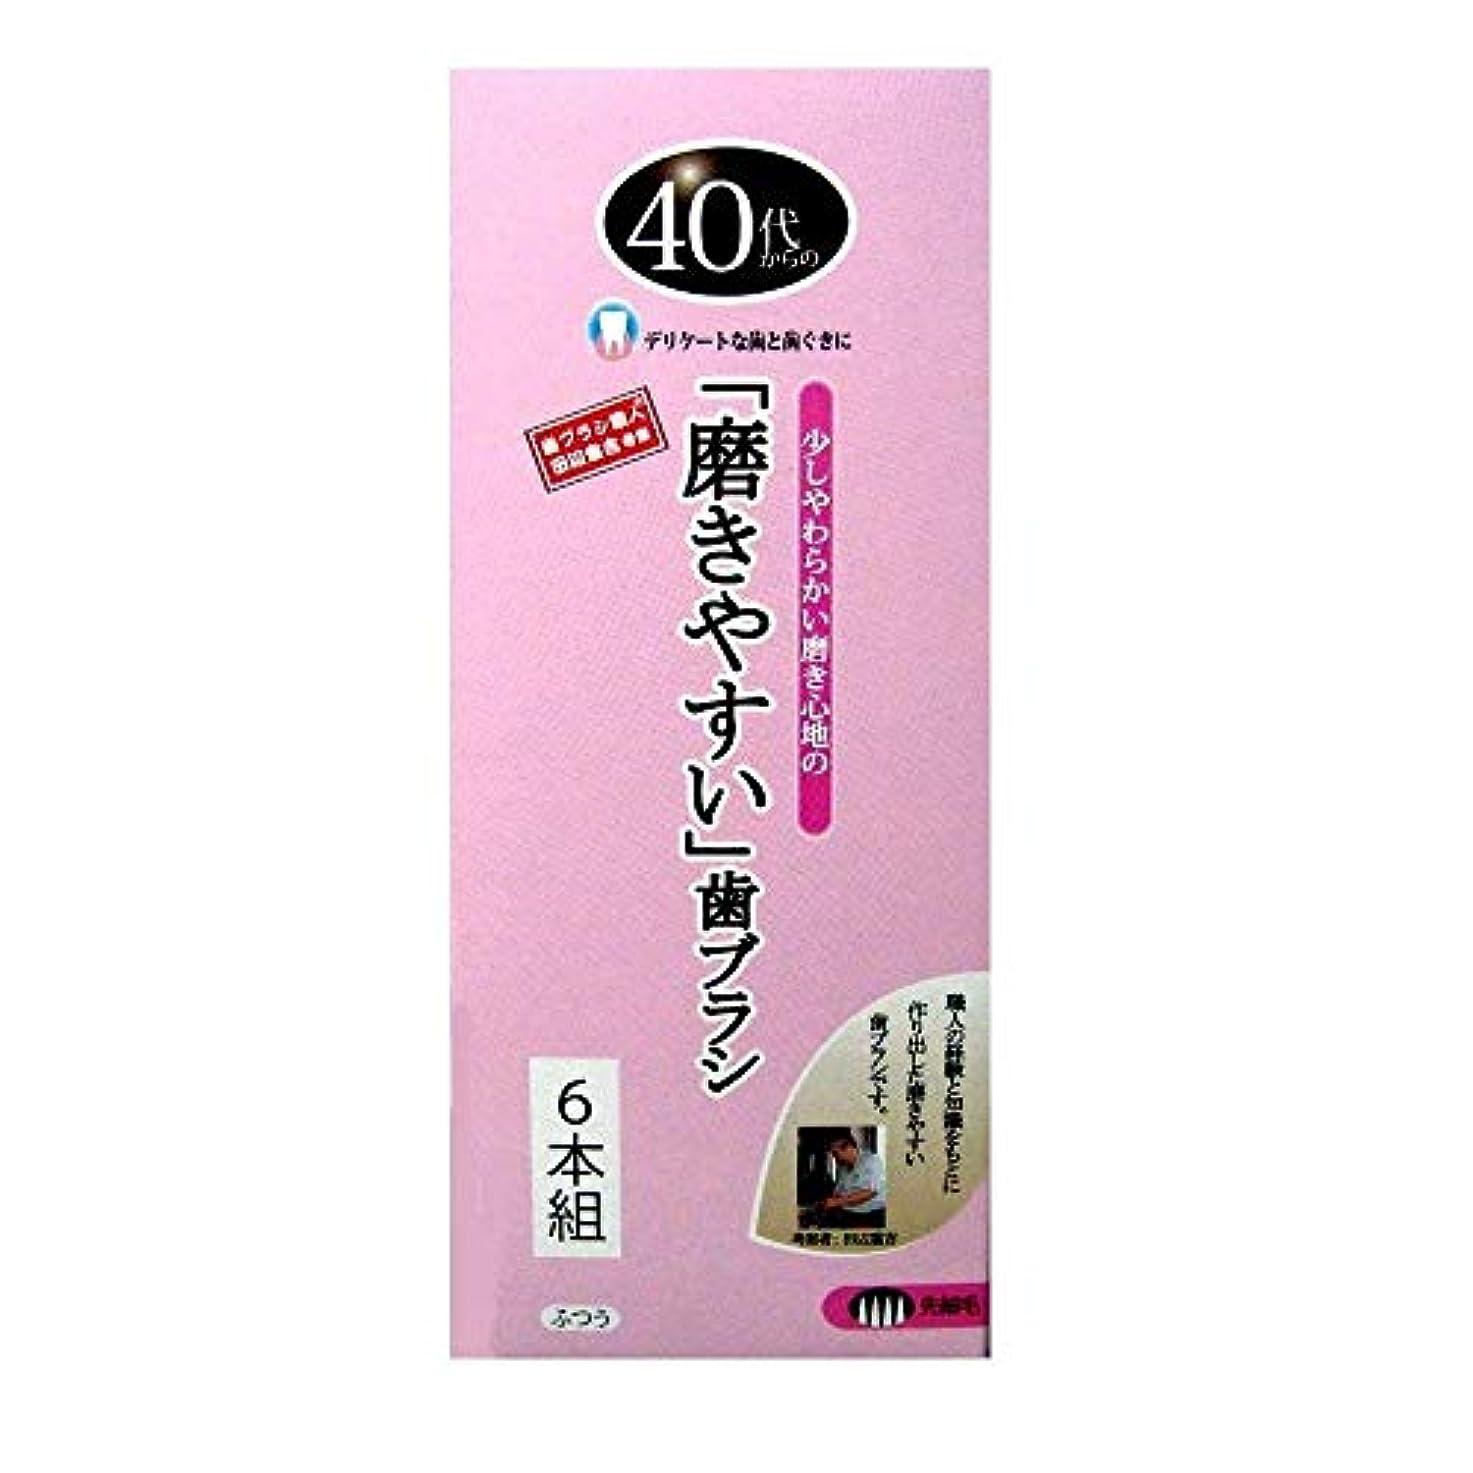 同様の美人ランク歯ブラシ職人 Artooth ® 田辺重吉の磨きやすい 40代からの歯ブラシ 歯ぐきにやさしい 細めの毛 先細毛 日本製 6本セットLT-15-6